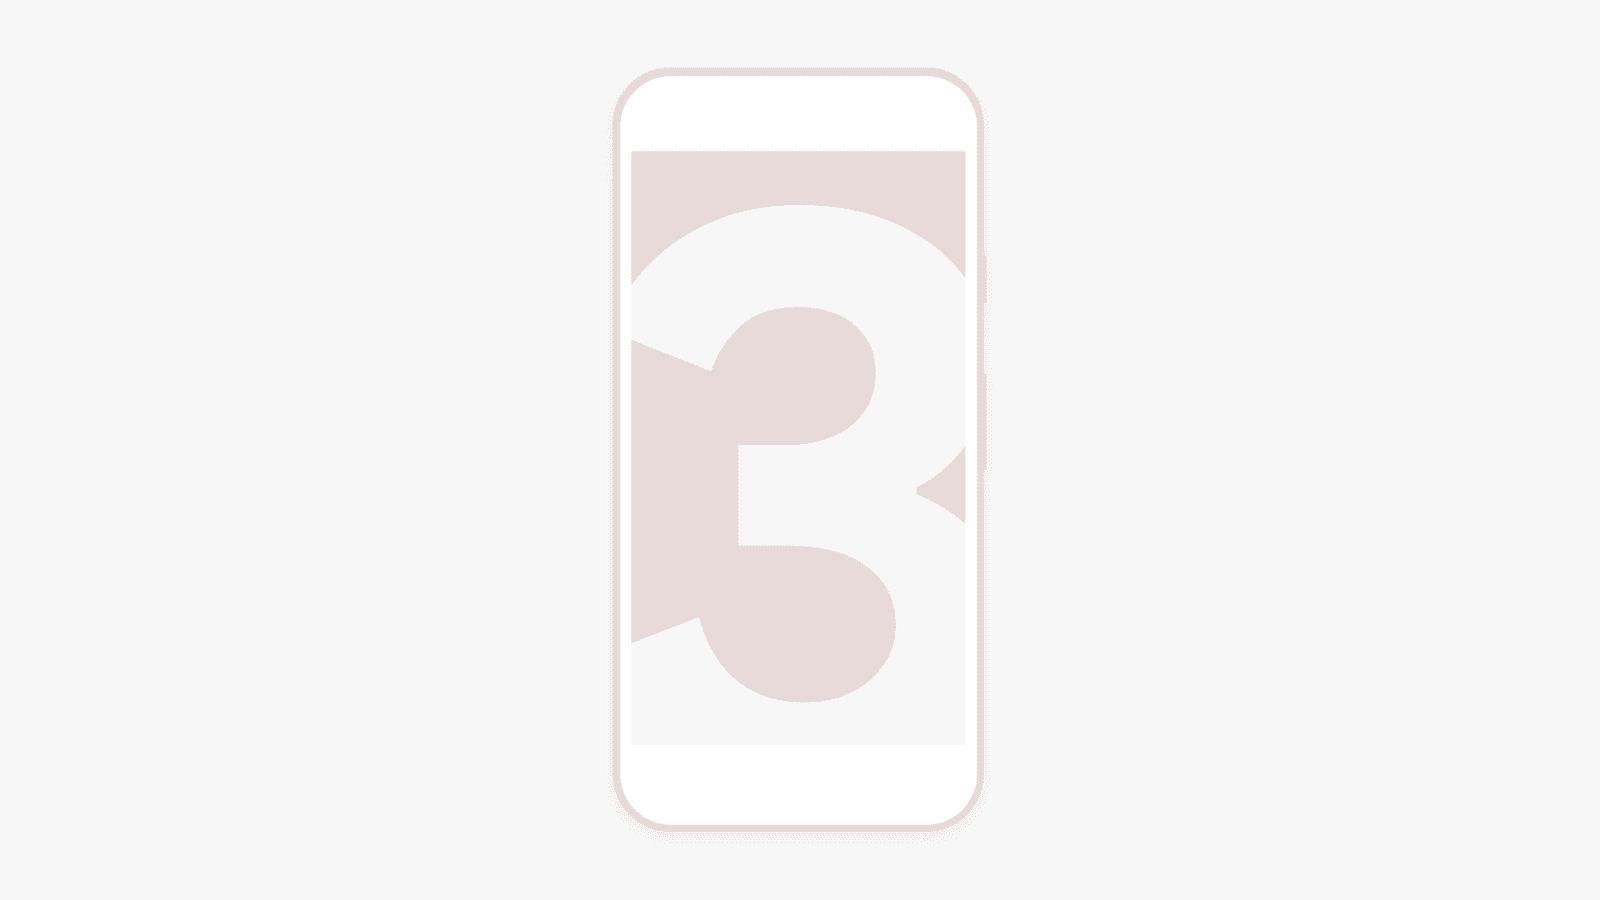 Download] Pixel 3